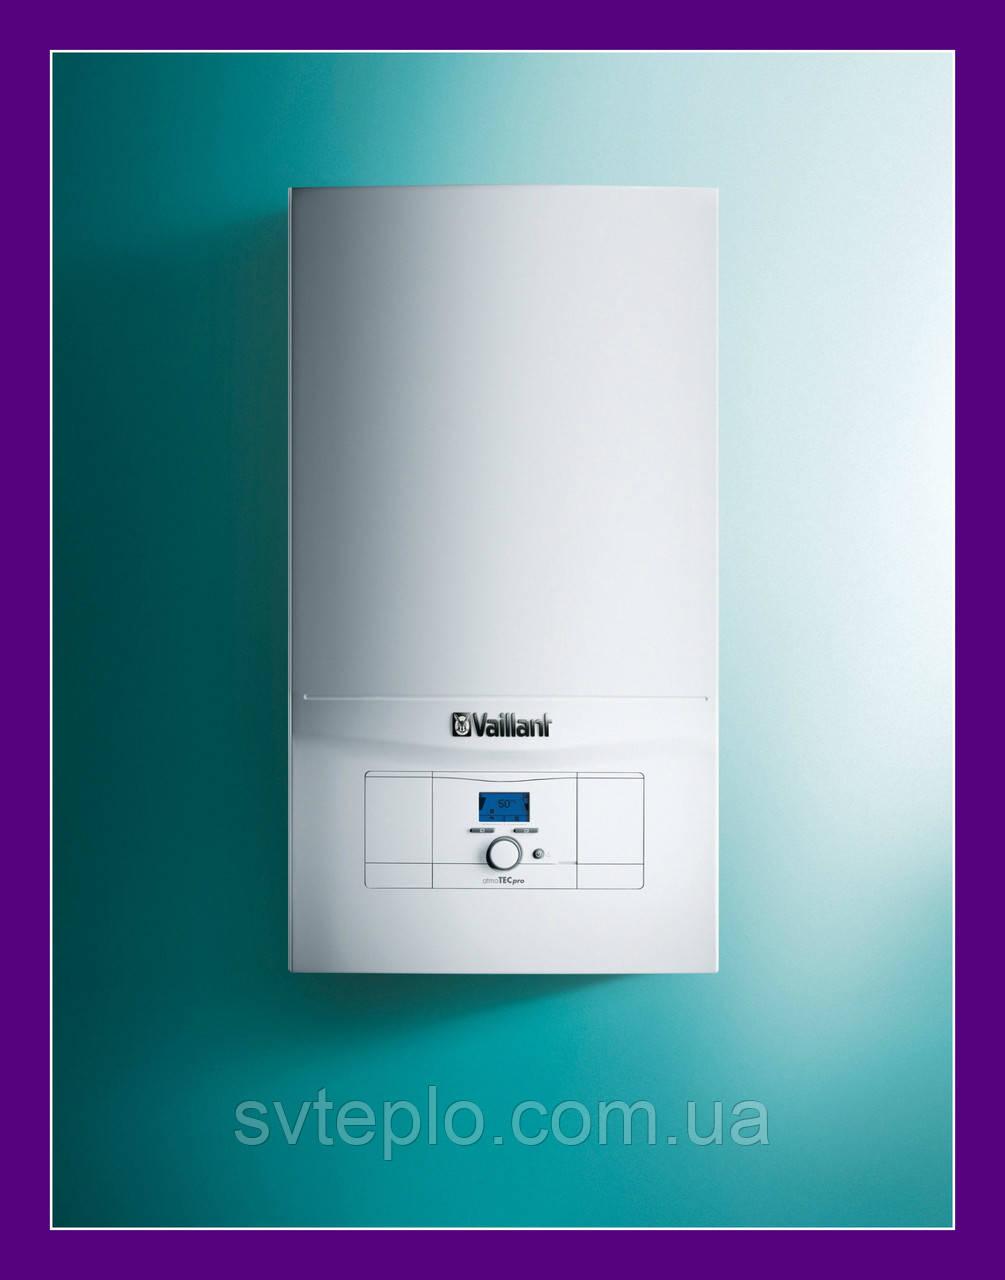 Газовий котел Vaillant atmoTEC pro VUW 280/5-3H (димохідний)